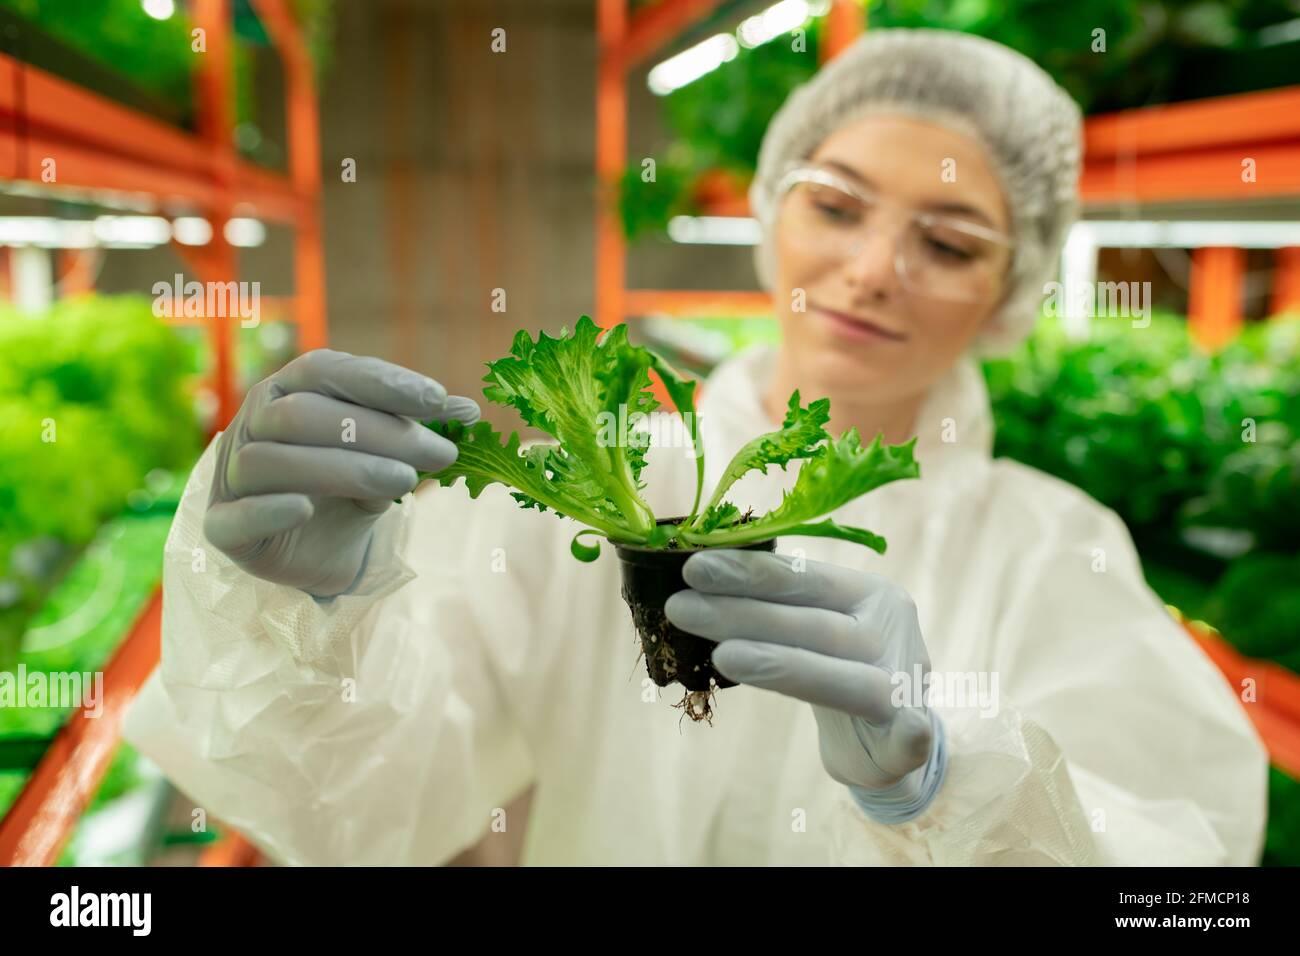 Gros plan du contenu de la maison de travail dans la combinaison de protection et le latex gants tenant le pot de plante et vérifiant les feuilles d'arugula Banque D'Images